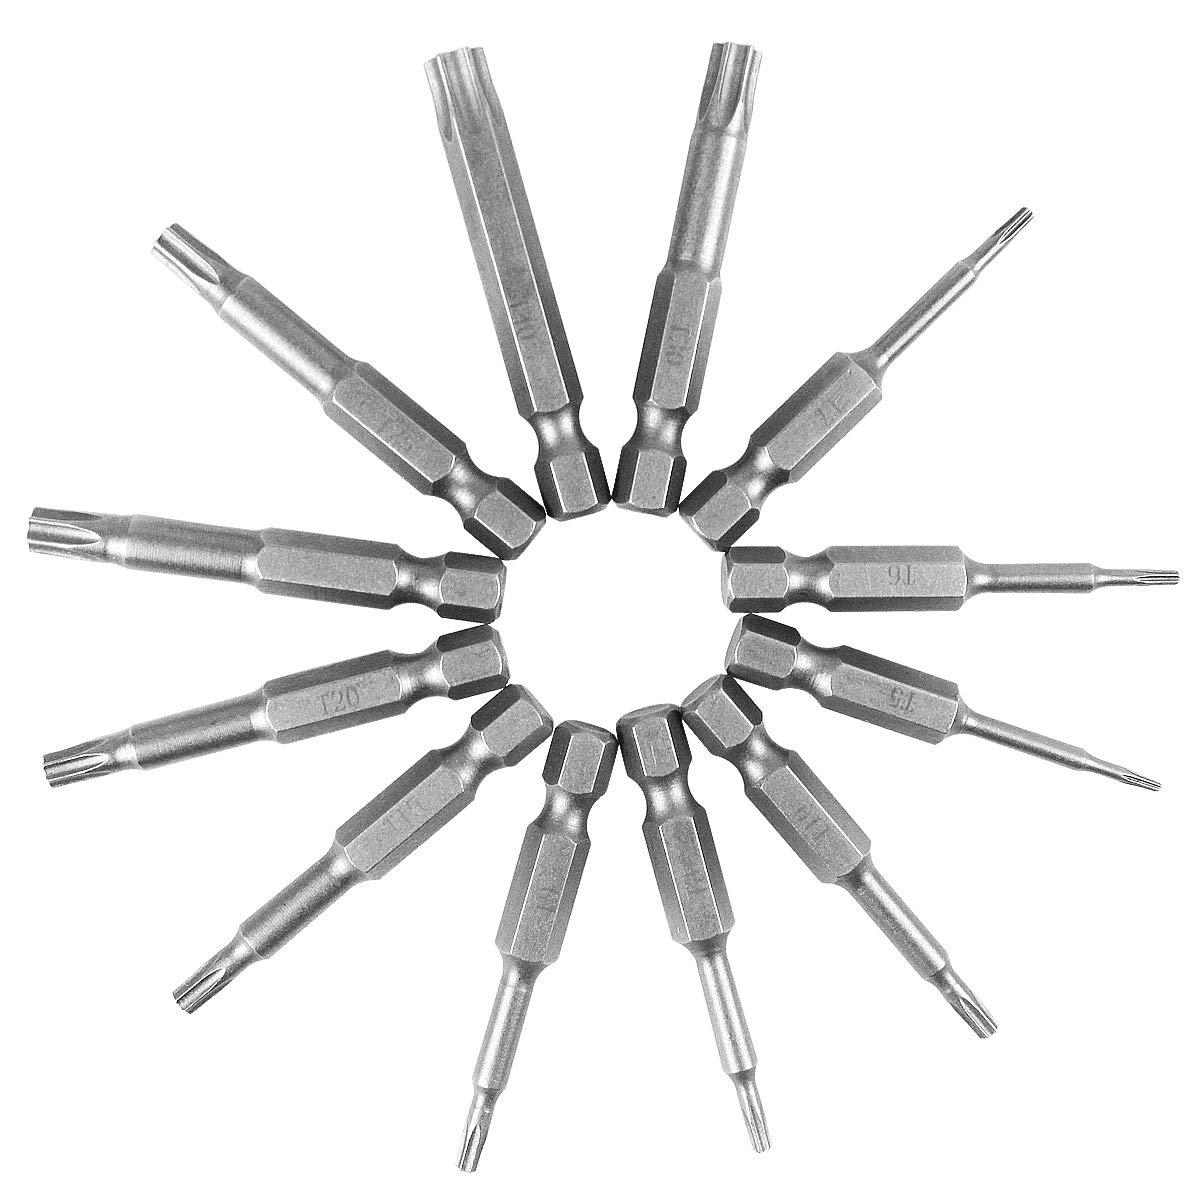 12St/ück Torx Bits Schraubendreher Set,50mm T6-T40 S2 Stahl Magnetische Stern Torx Sicherheit Kopf Schraubendreher Bits Set Luft Bit Werkzeuge mit Loch 1//4schaft